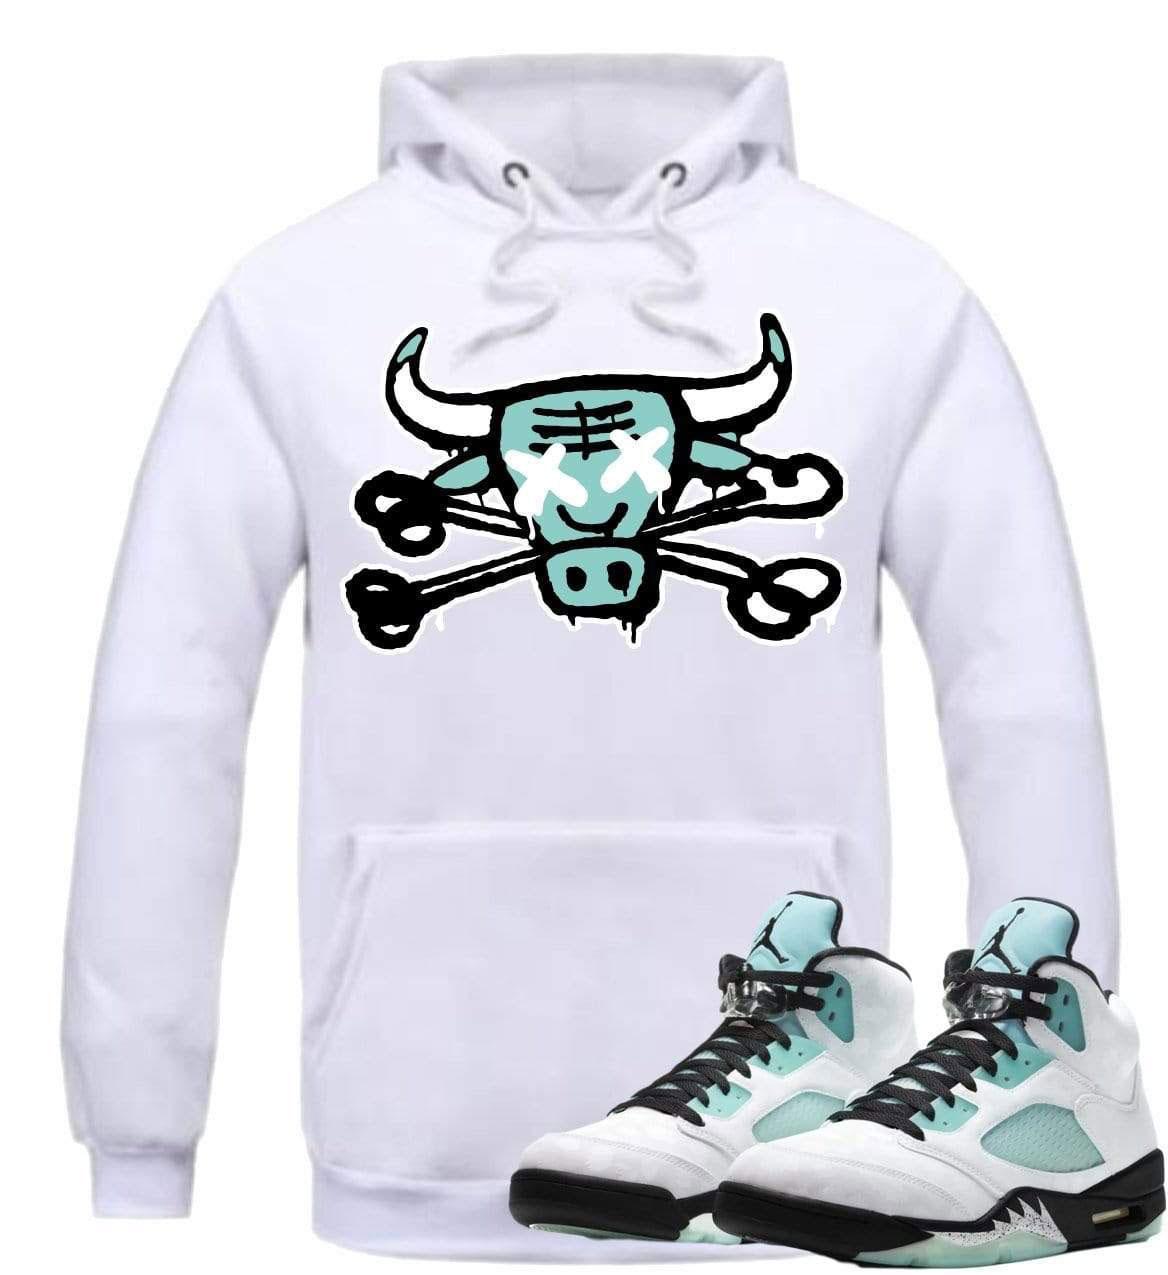 air-jordan-5-island-green-sneaker-hoodie-3